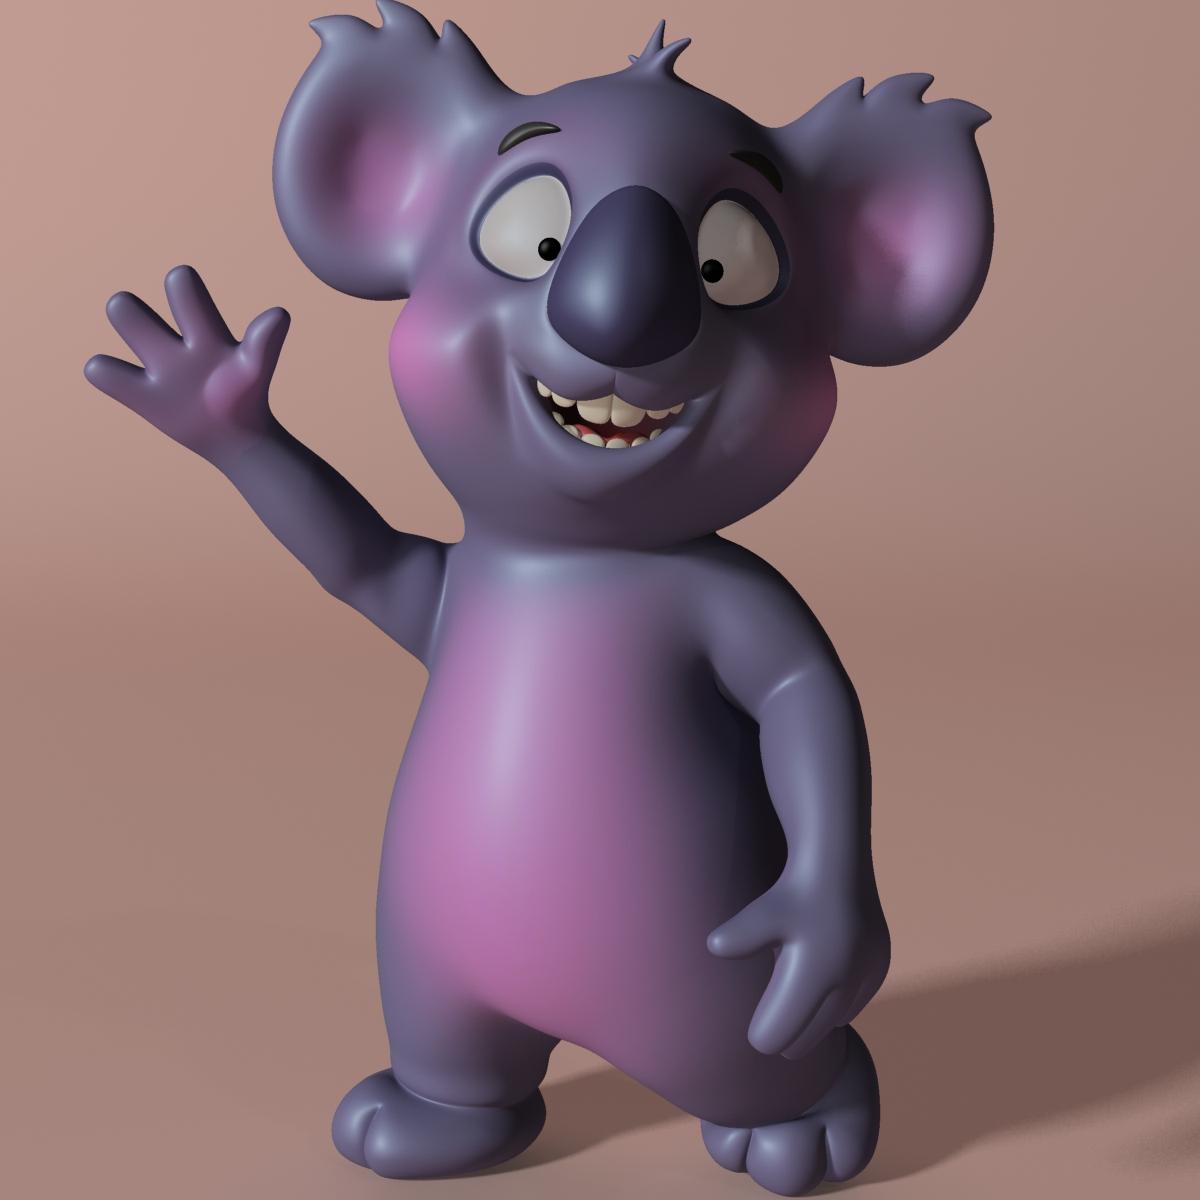 Cartoon koala RIGGED and ANIMATED 3d model  263625